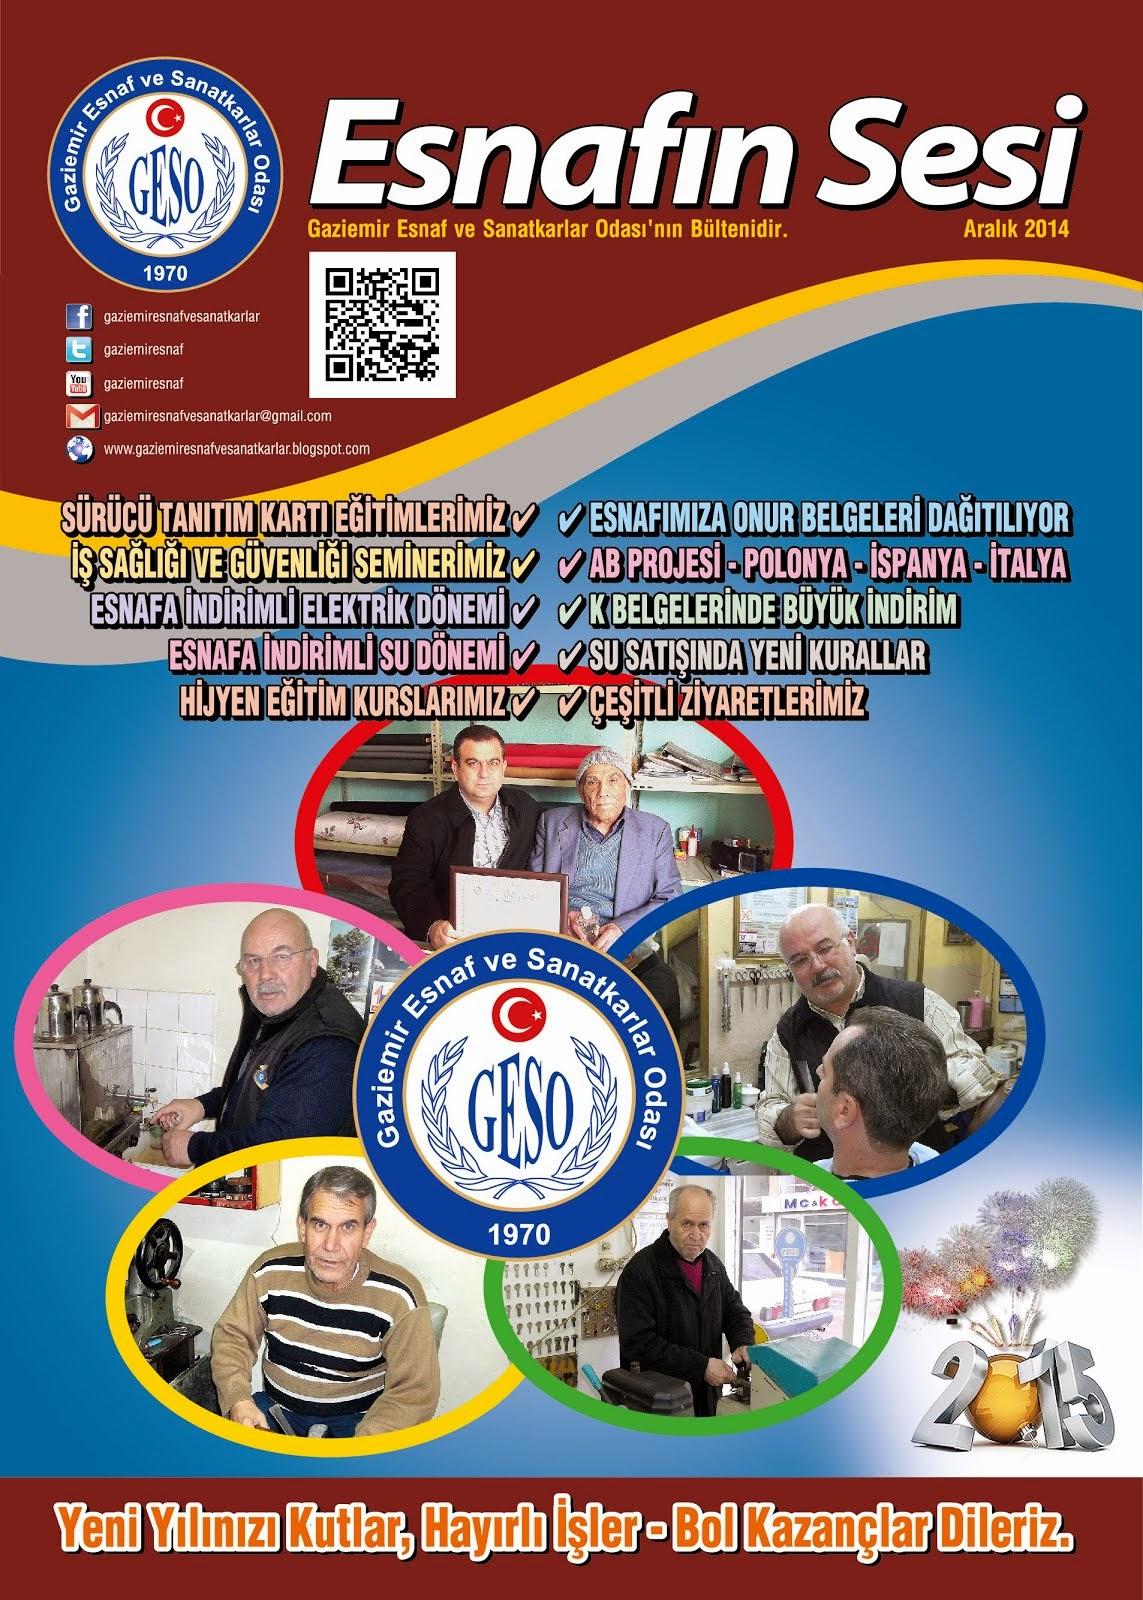 ESNAFIN SESİ - ARALIK 2014 - GAZİEMİR ESNAF VE SANATKARLAR ODASI